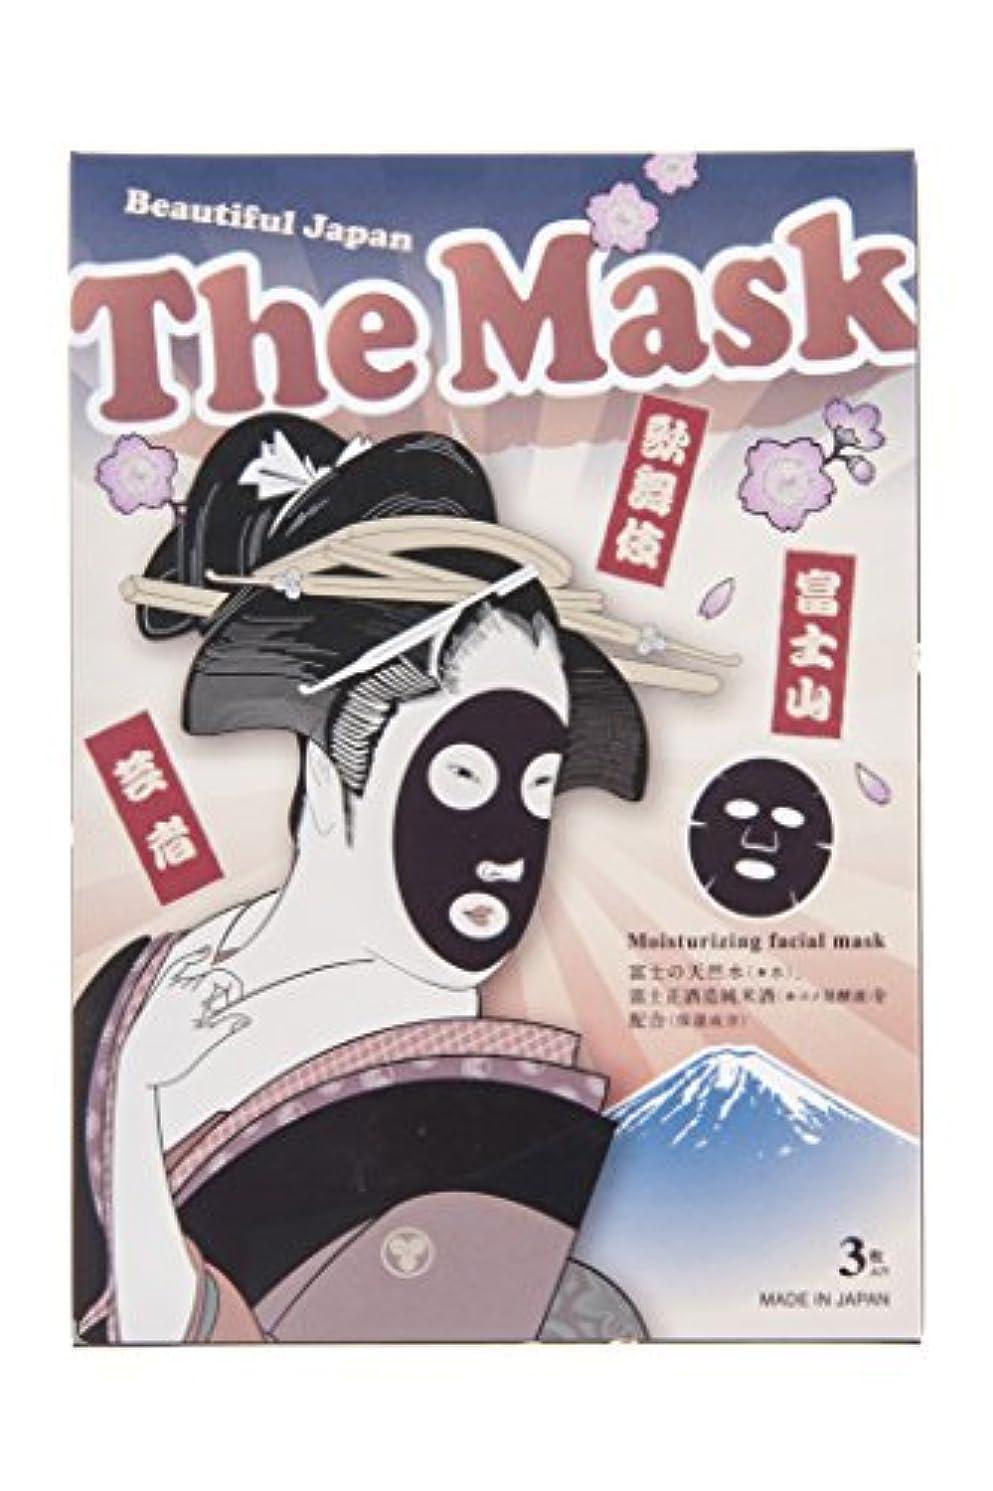 候補者行商ナサニエル区富士山フェイシャルマスク